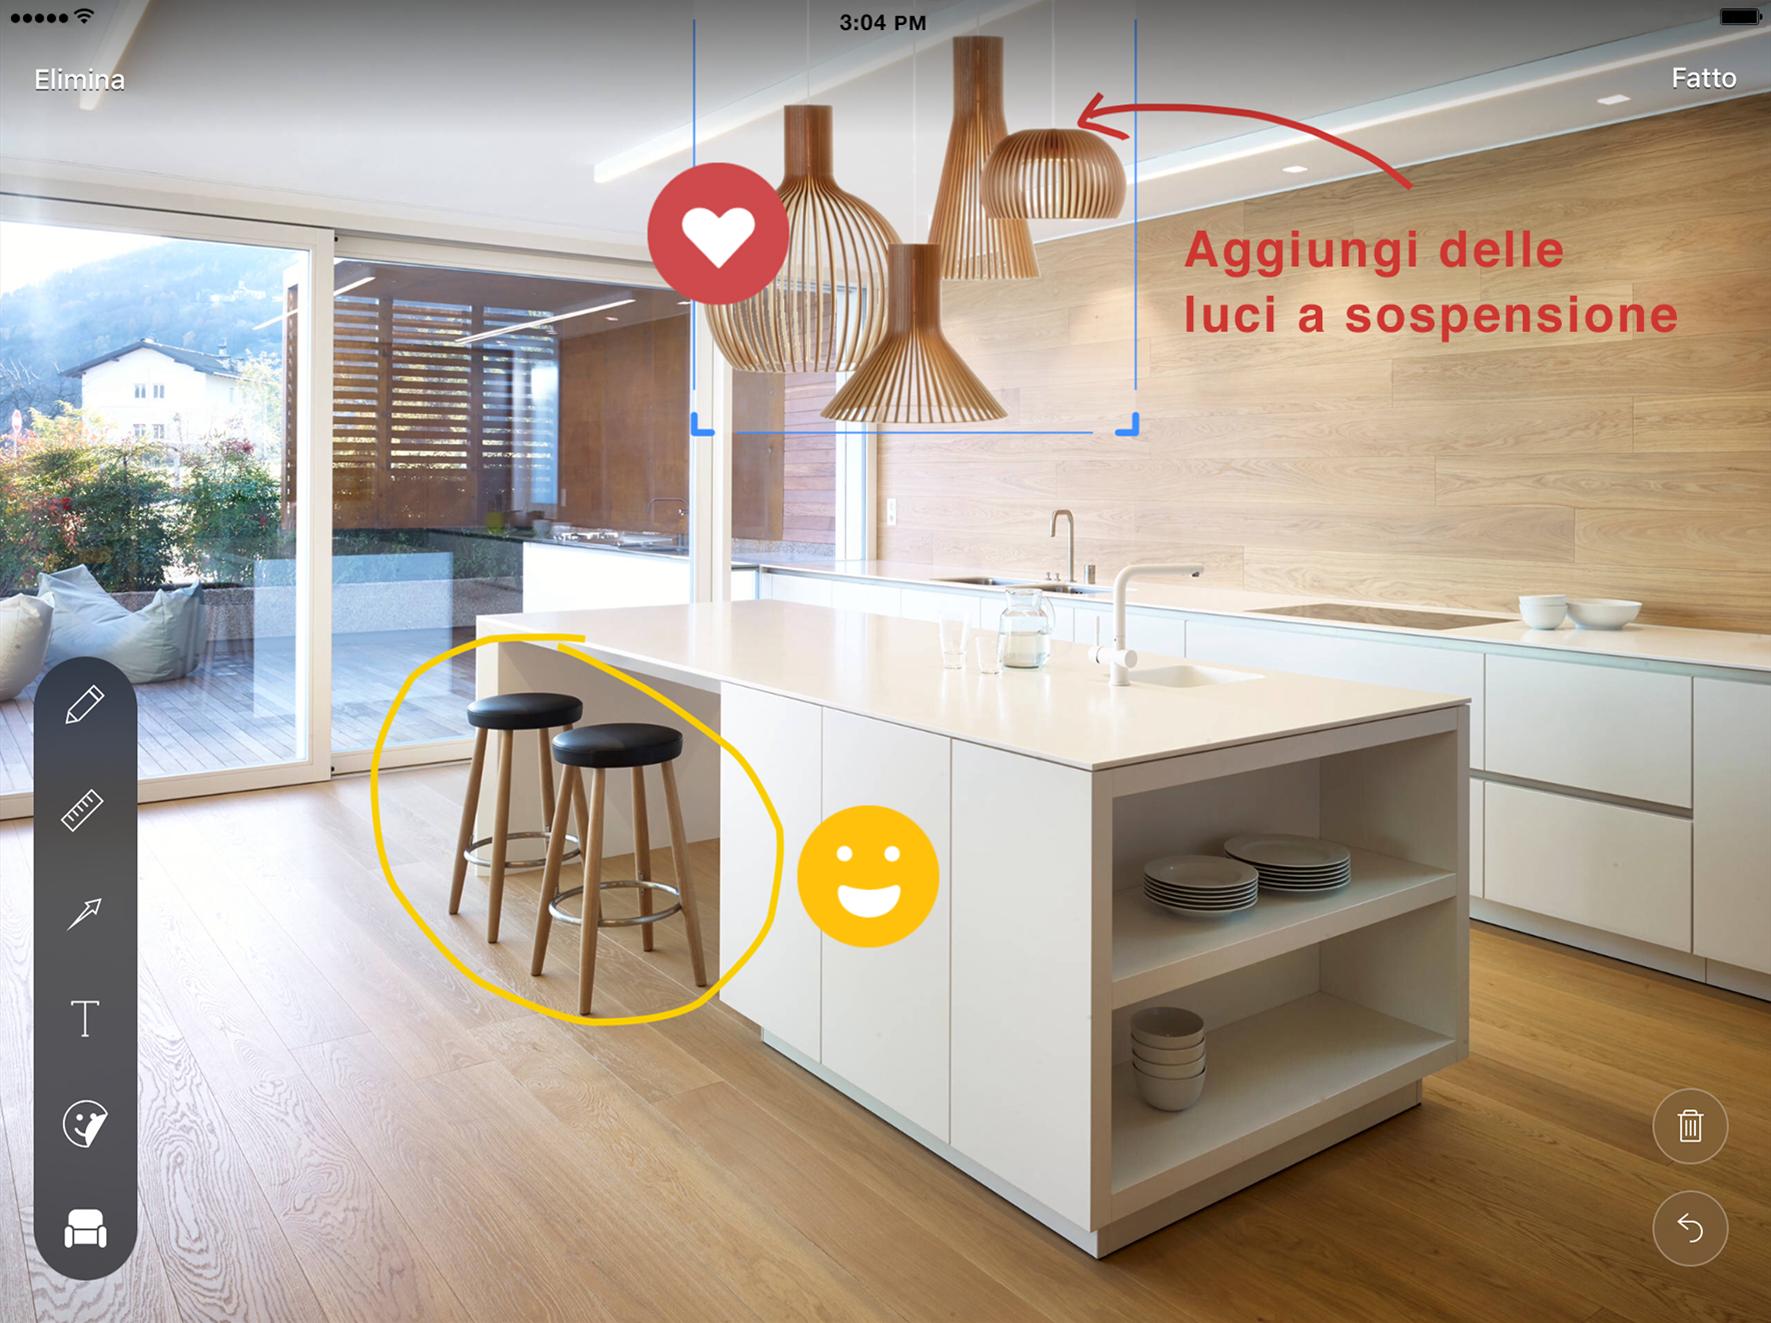 Disegnare casa affordable software arredamento interni for App arredamento interni